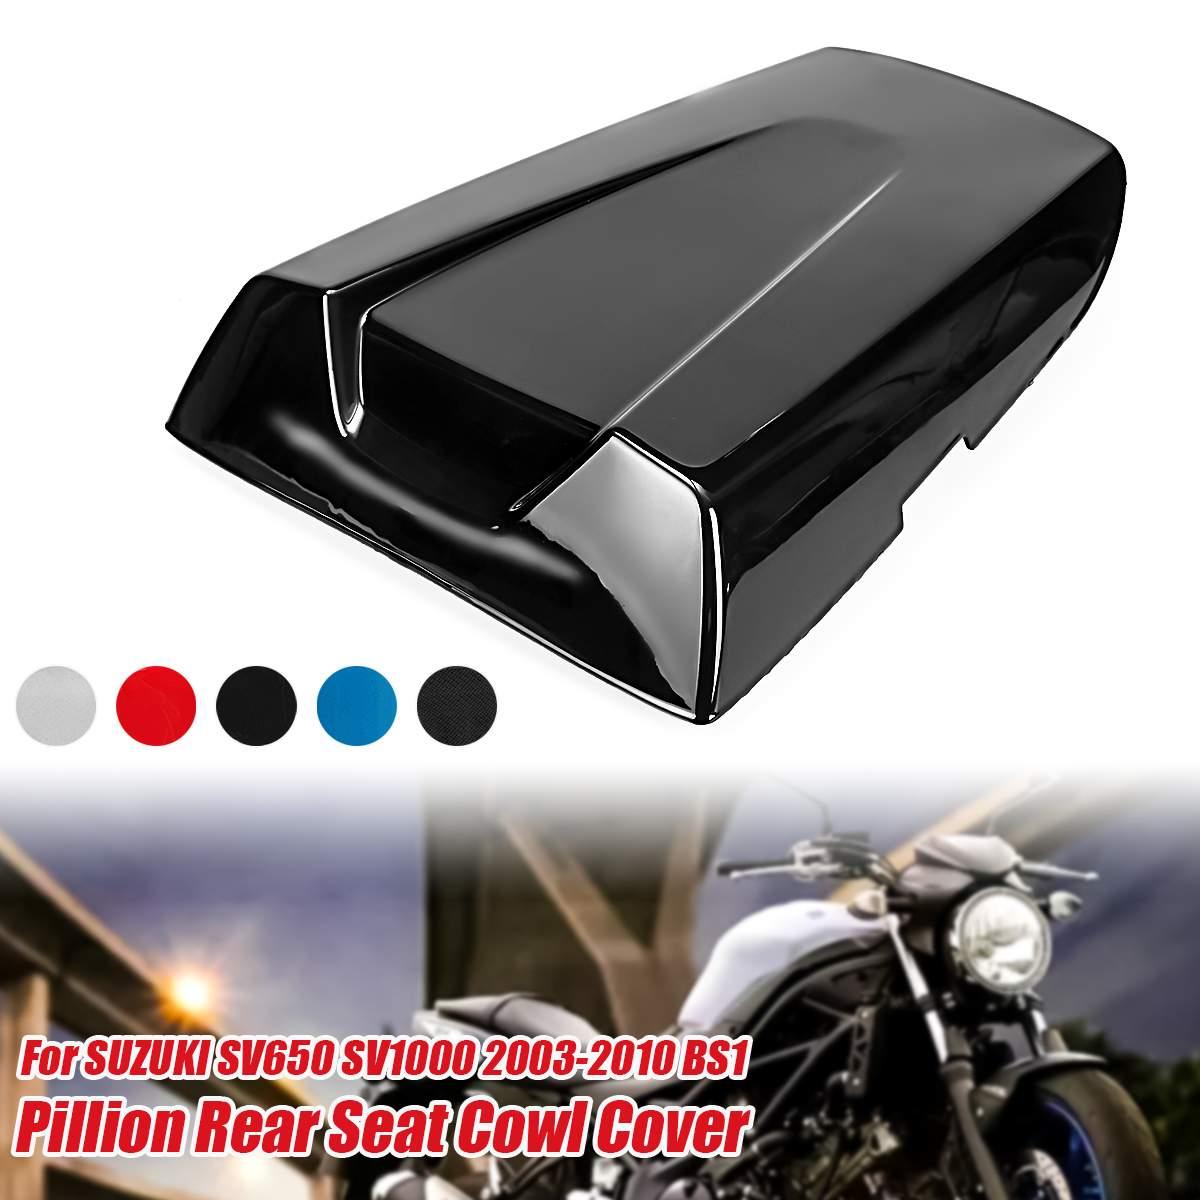 1x Motorrad Pit Dirt Bike Hinten Passagier Sitz Abdeckung Schutz Verkleidung Gugel Kissen Für Suzuki SV650 SV1000 2003-2010 m511-S010-Set